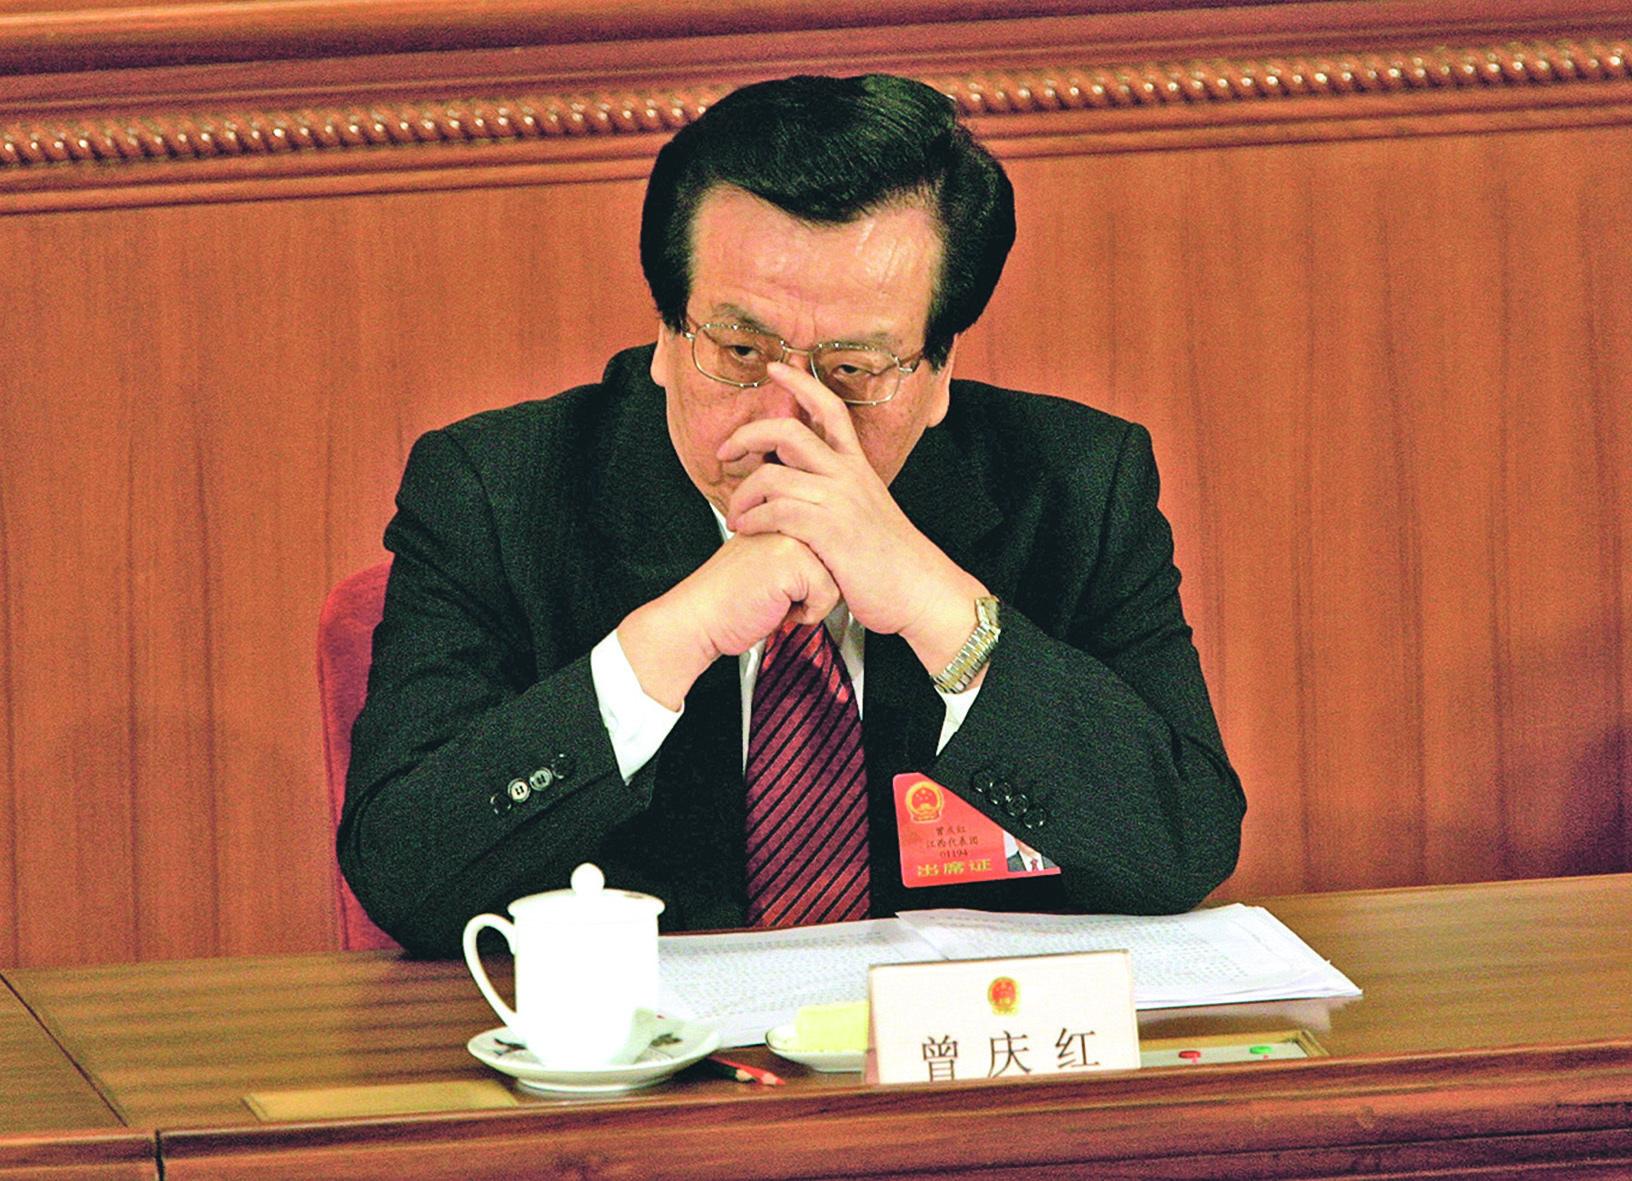 曾慶紅被指是中共黨內最大的野心家。(Getty Images)